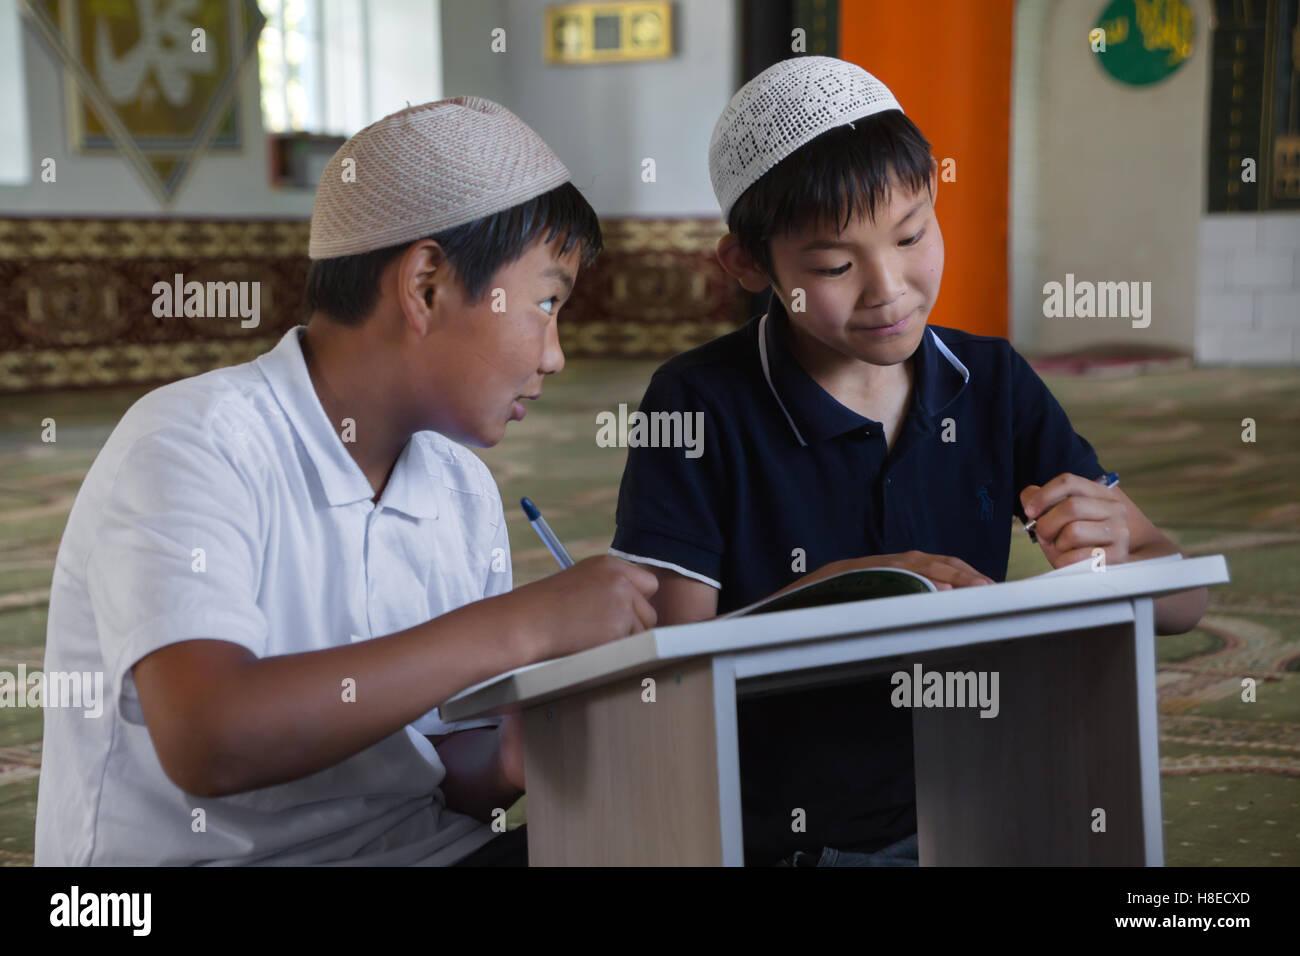 Kirgisistan - Menschen Bilder von jungen am Weg, islamische Schule - Reisen in Zentralasien Stockbild